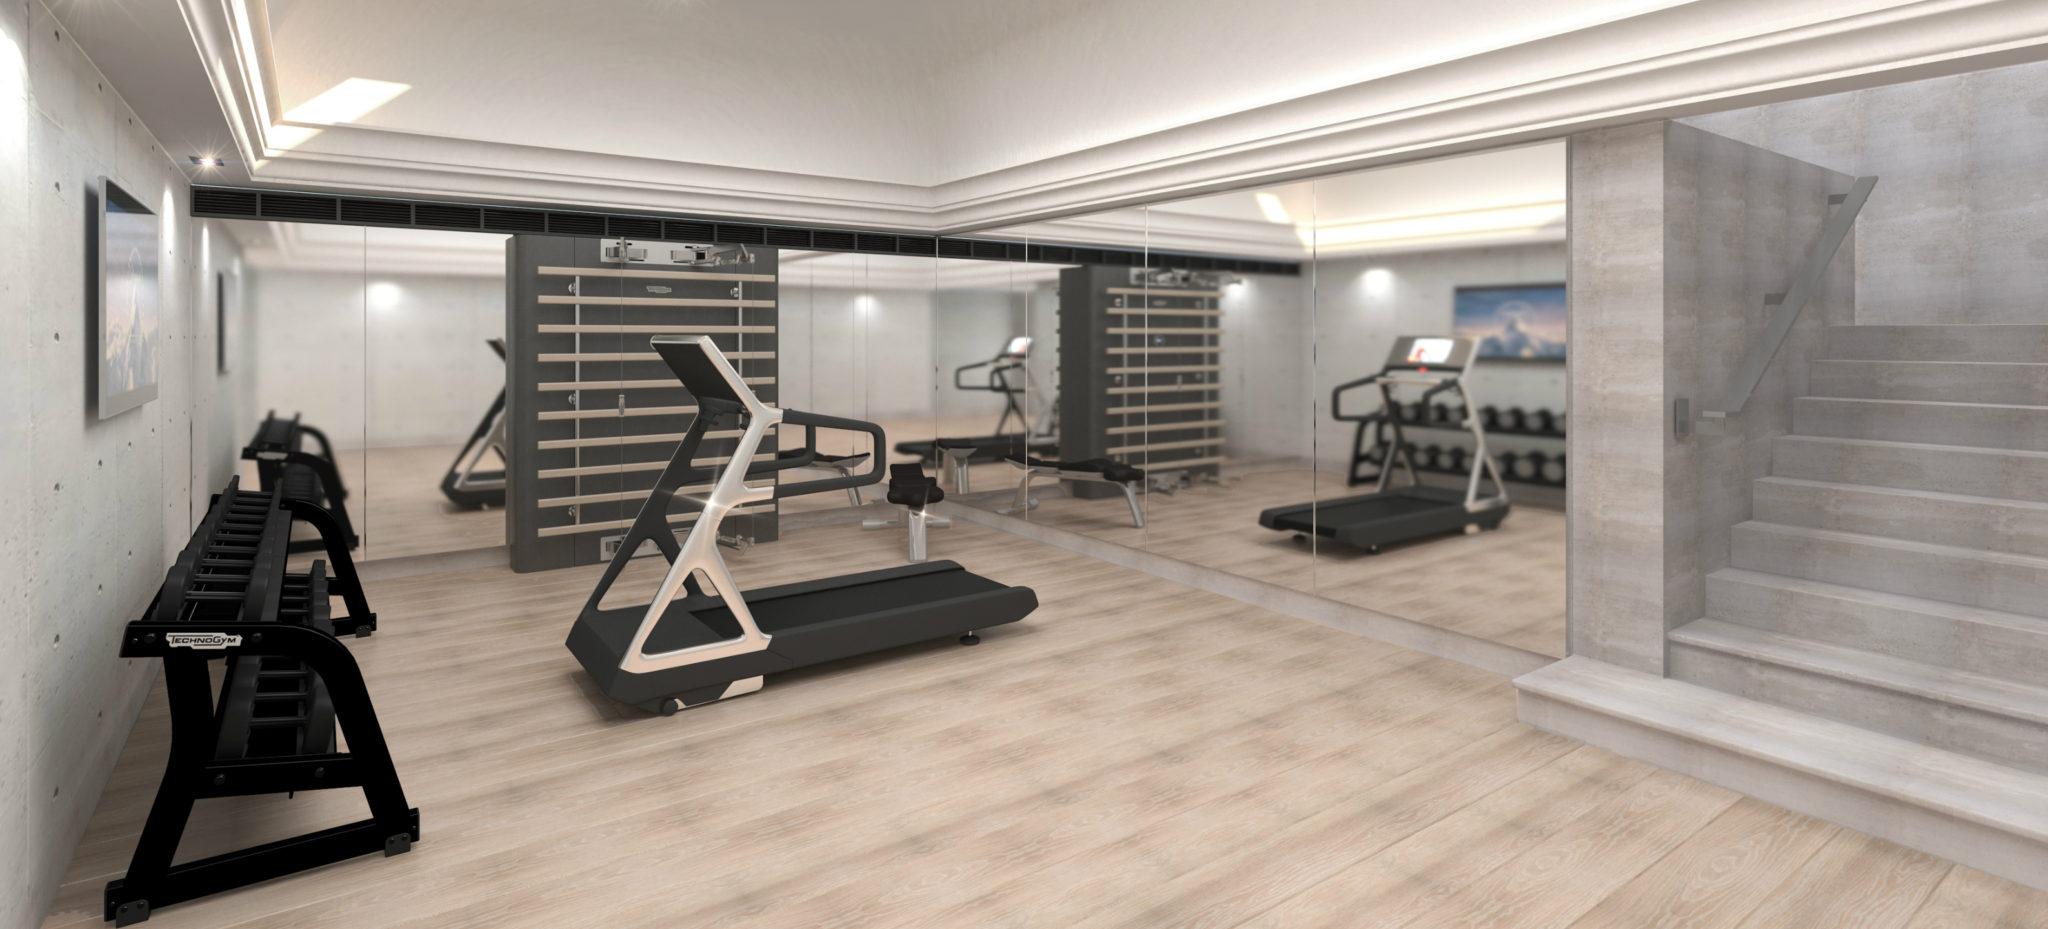 Gym design home gym design luxury gym equipment by gym for Luxury home gym